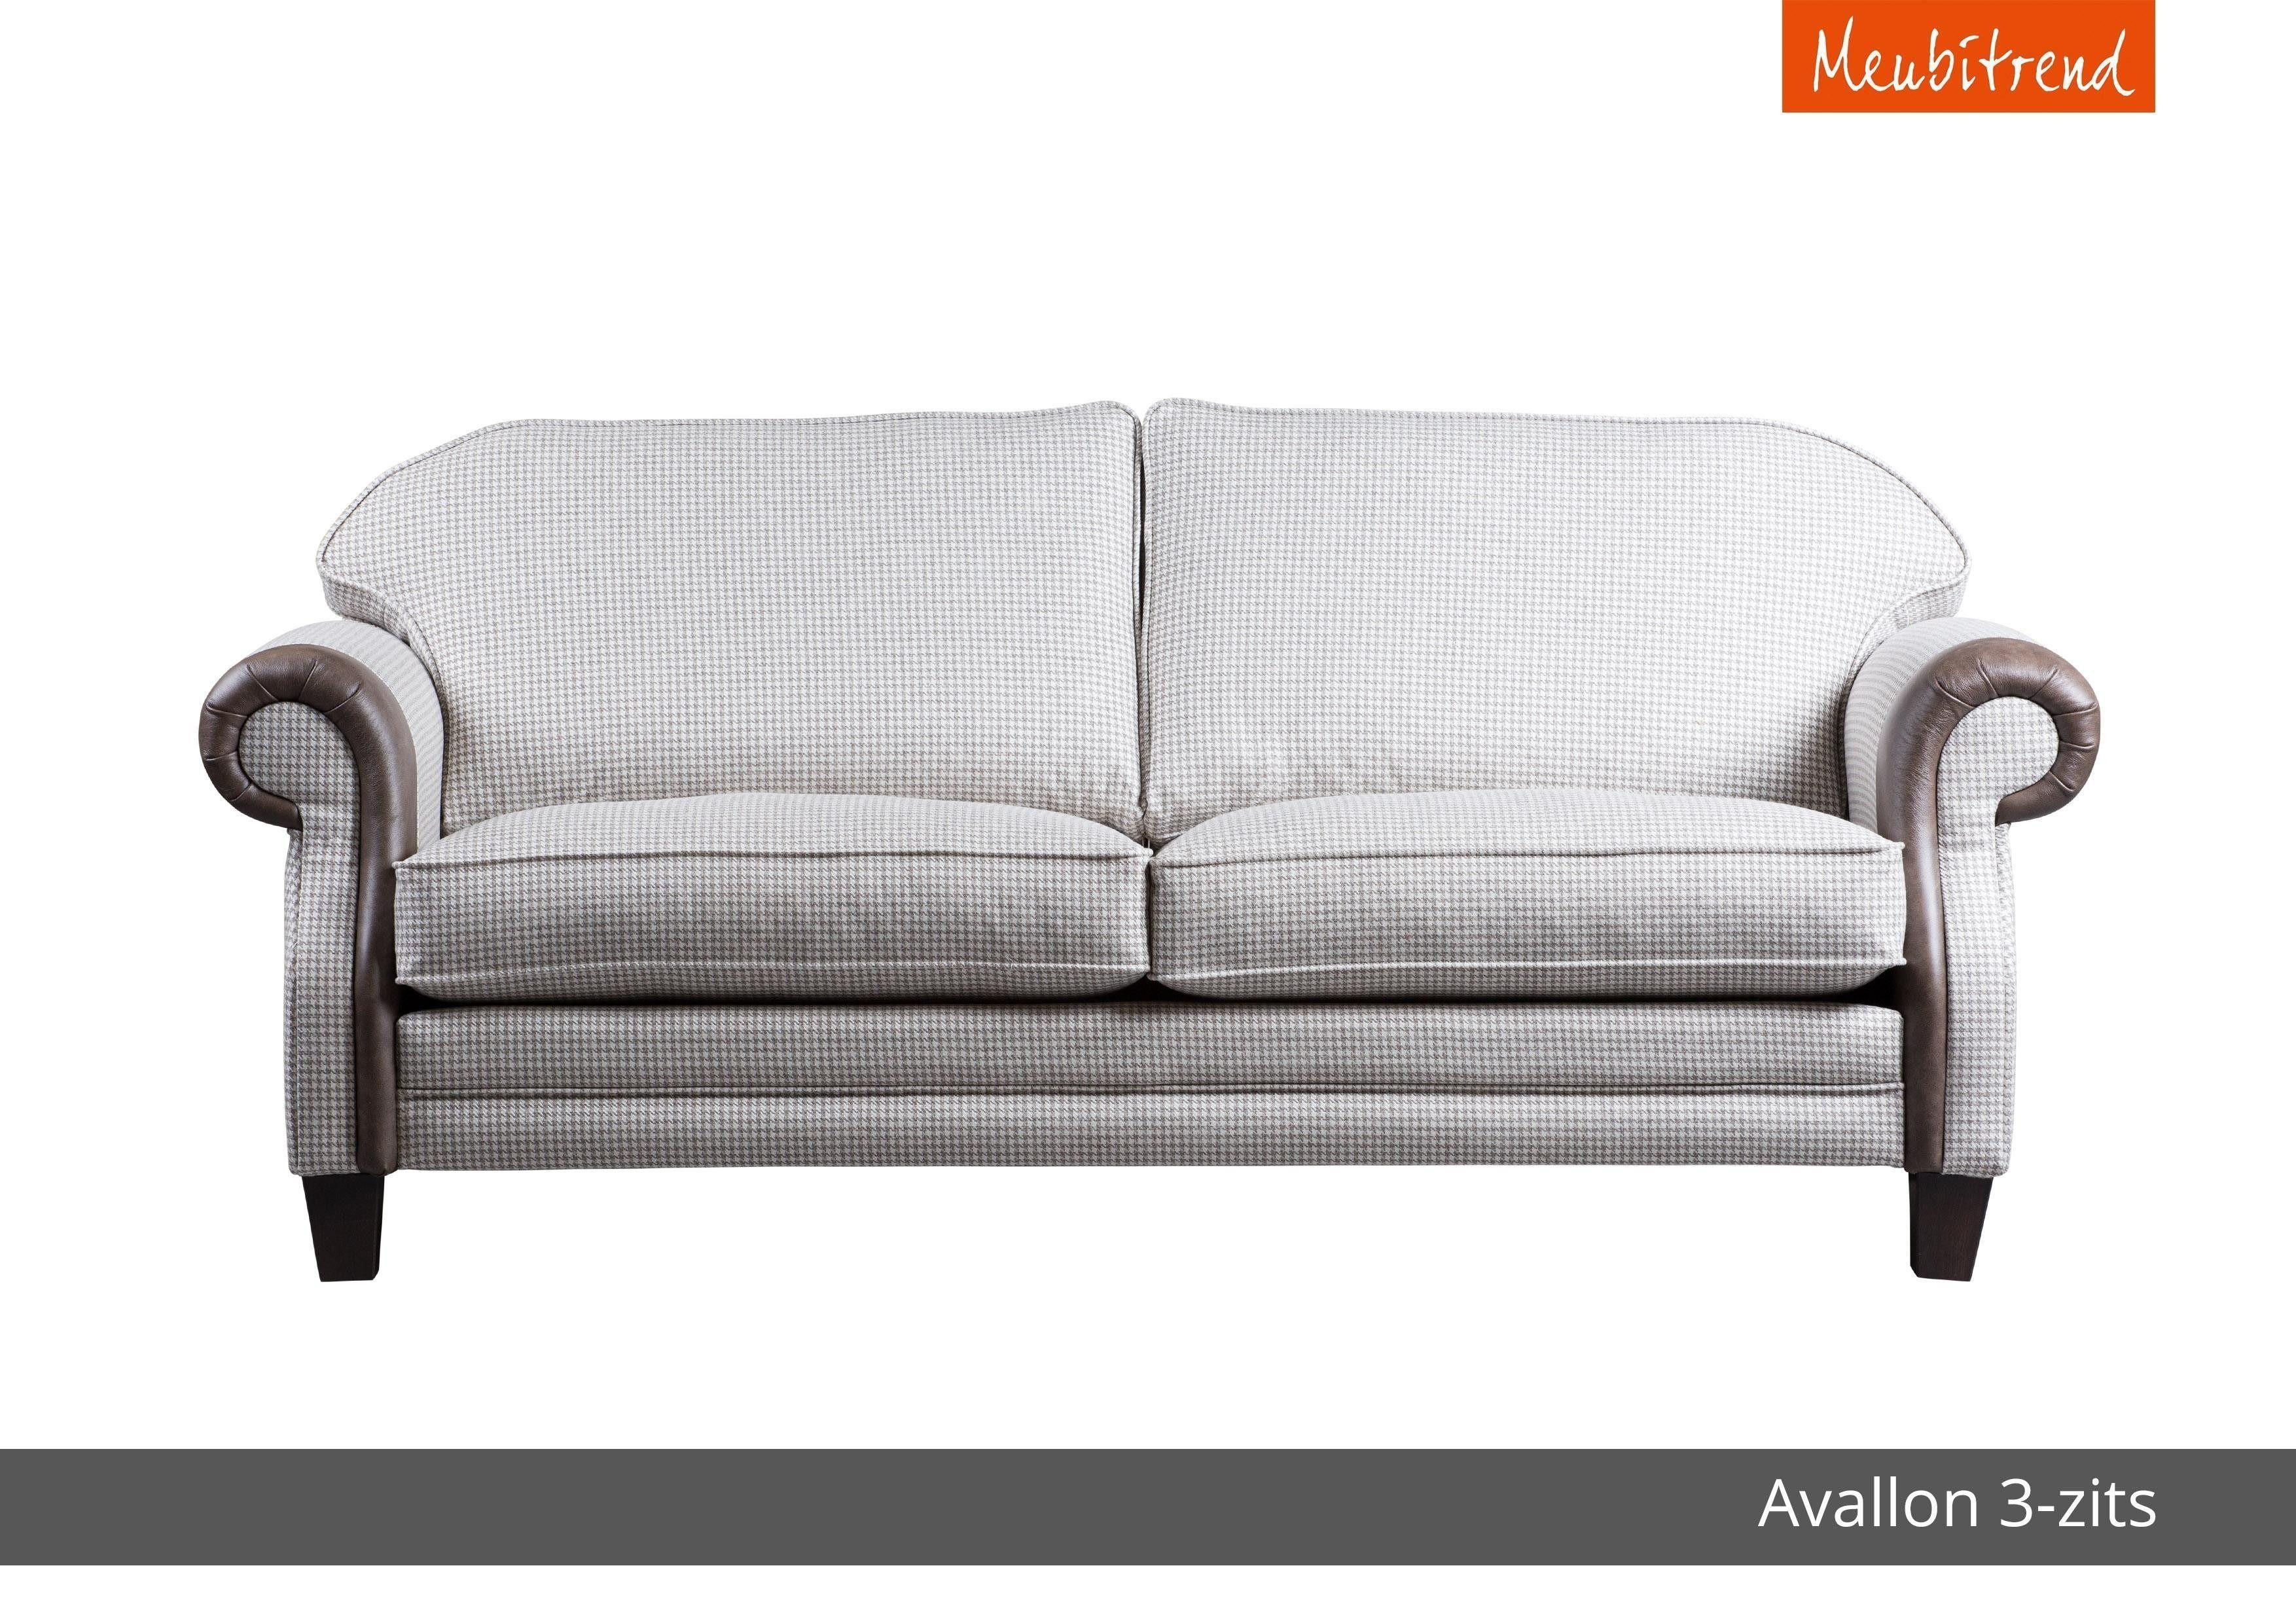 27 Luxus Sofa Design Sofa Sofa Design Sofa Ausziehsofa